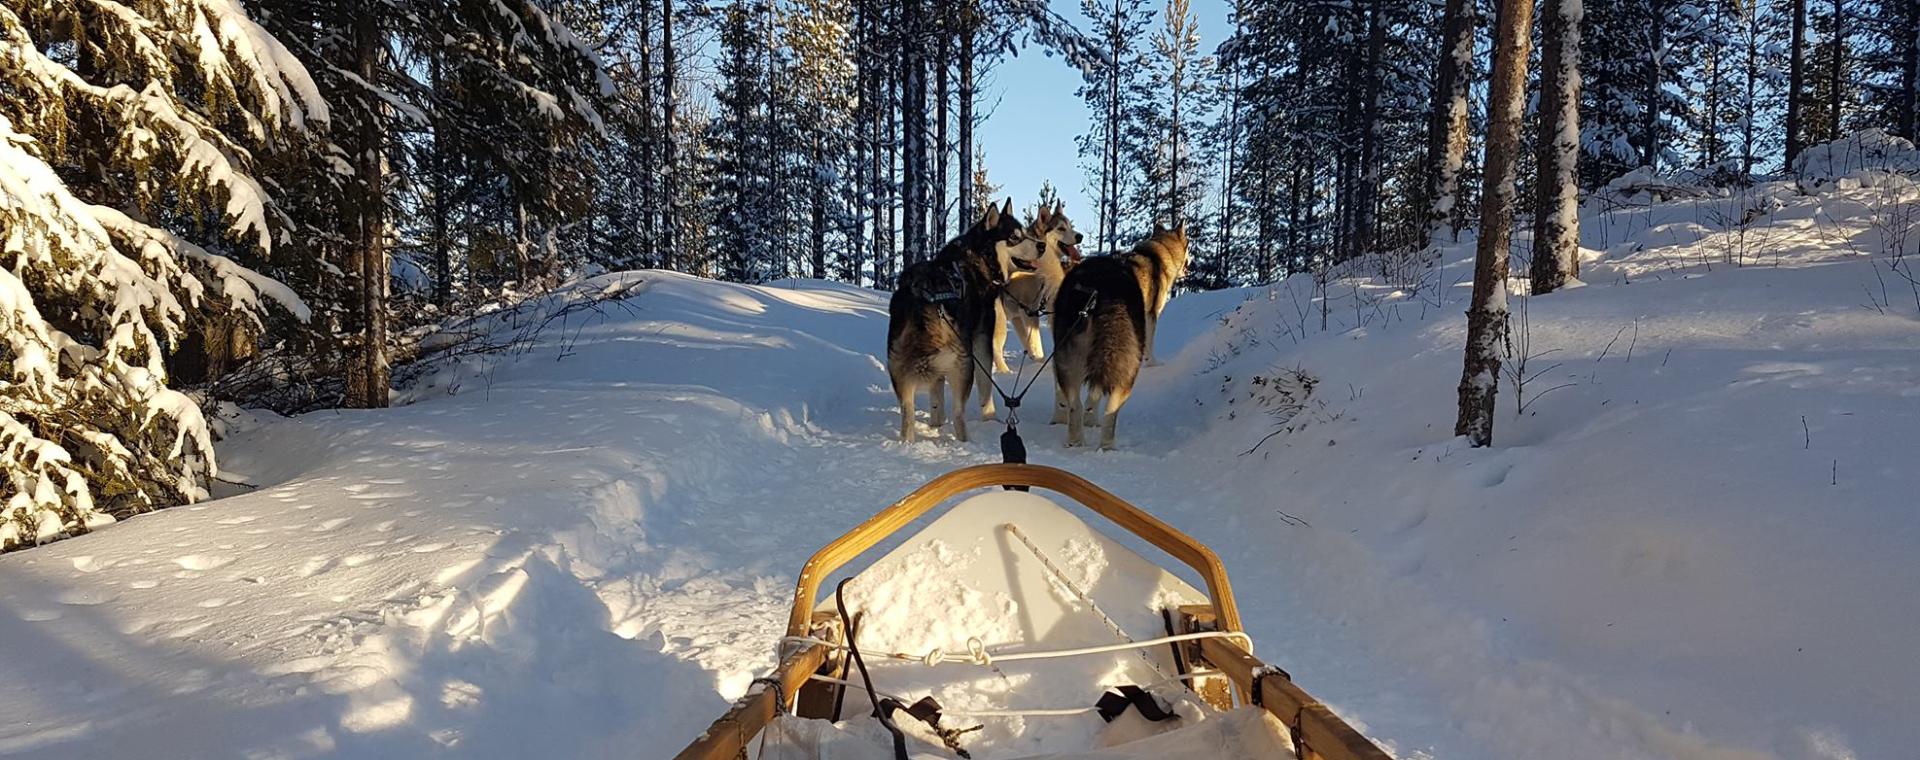 Image Chiens de traîneaux et conduite d'attelage en Laponie suédoise